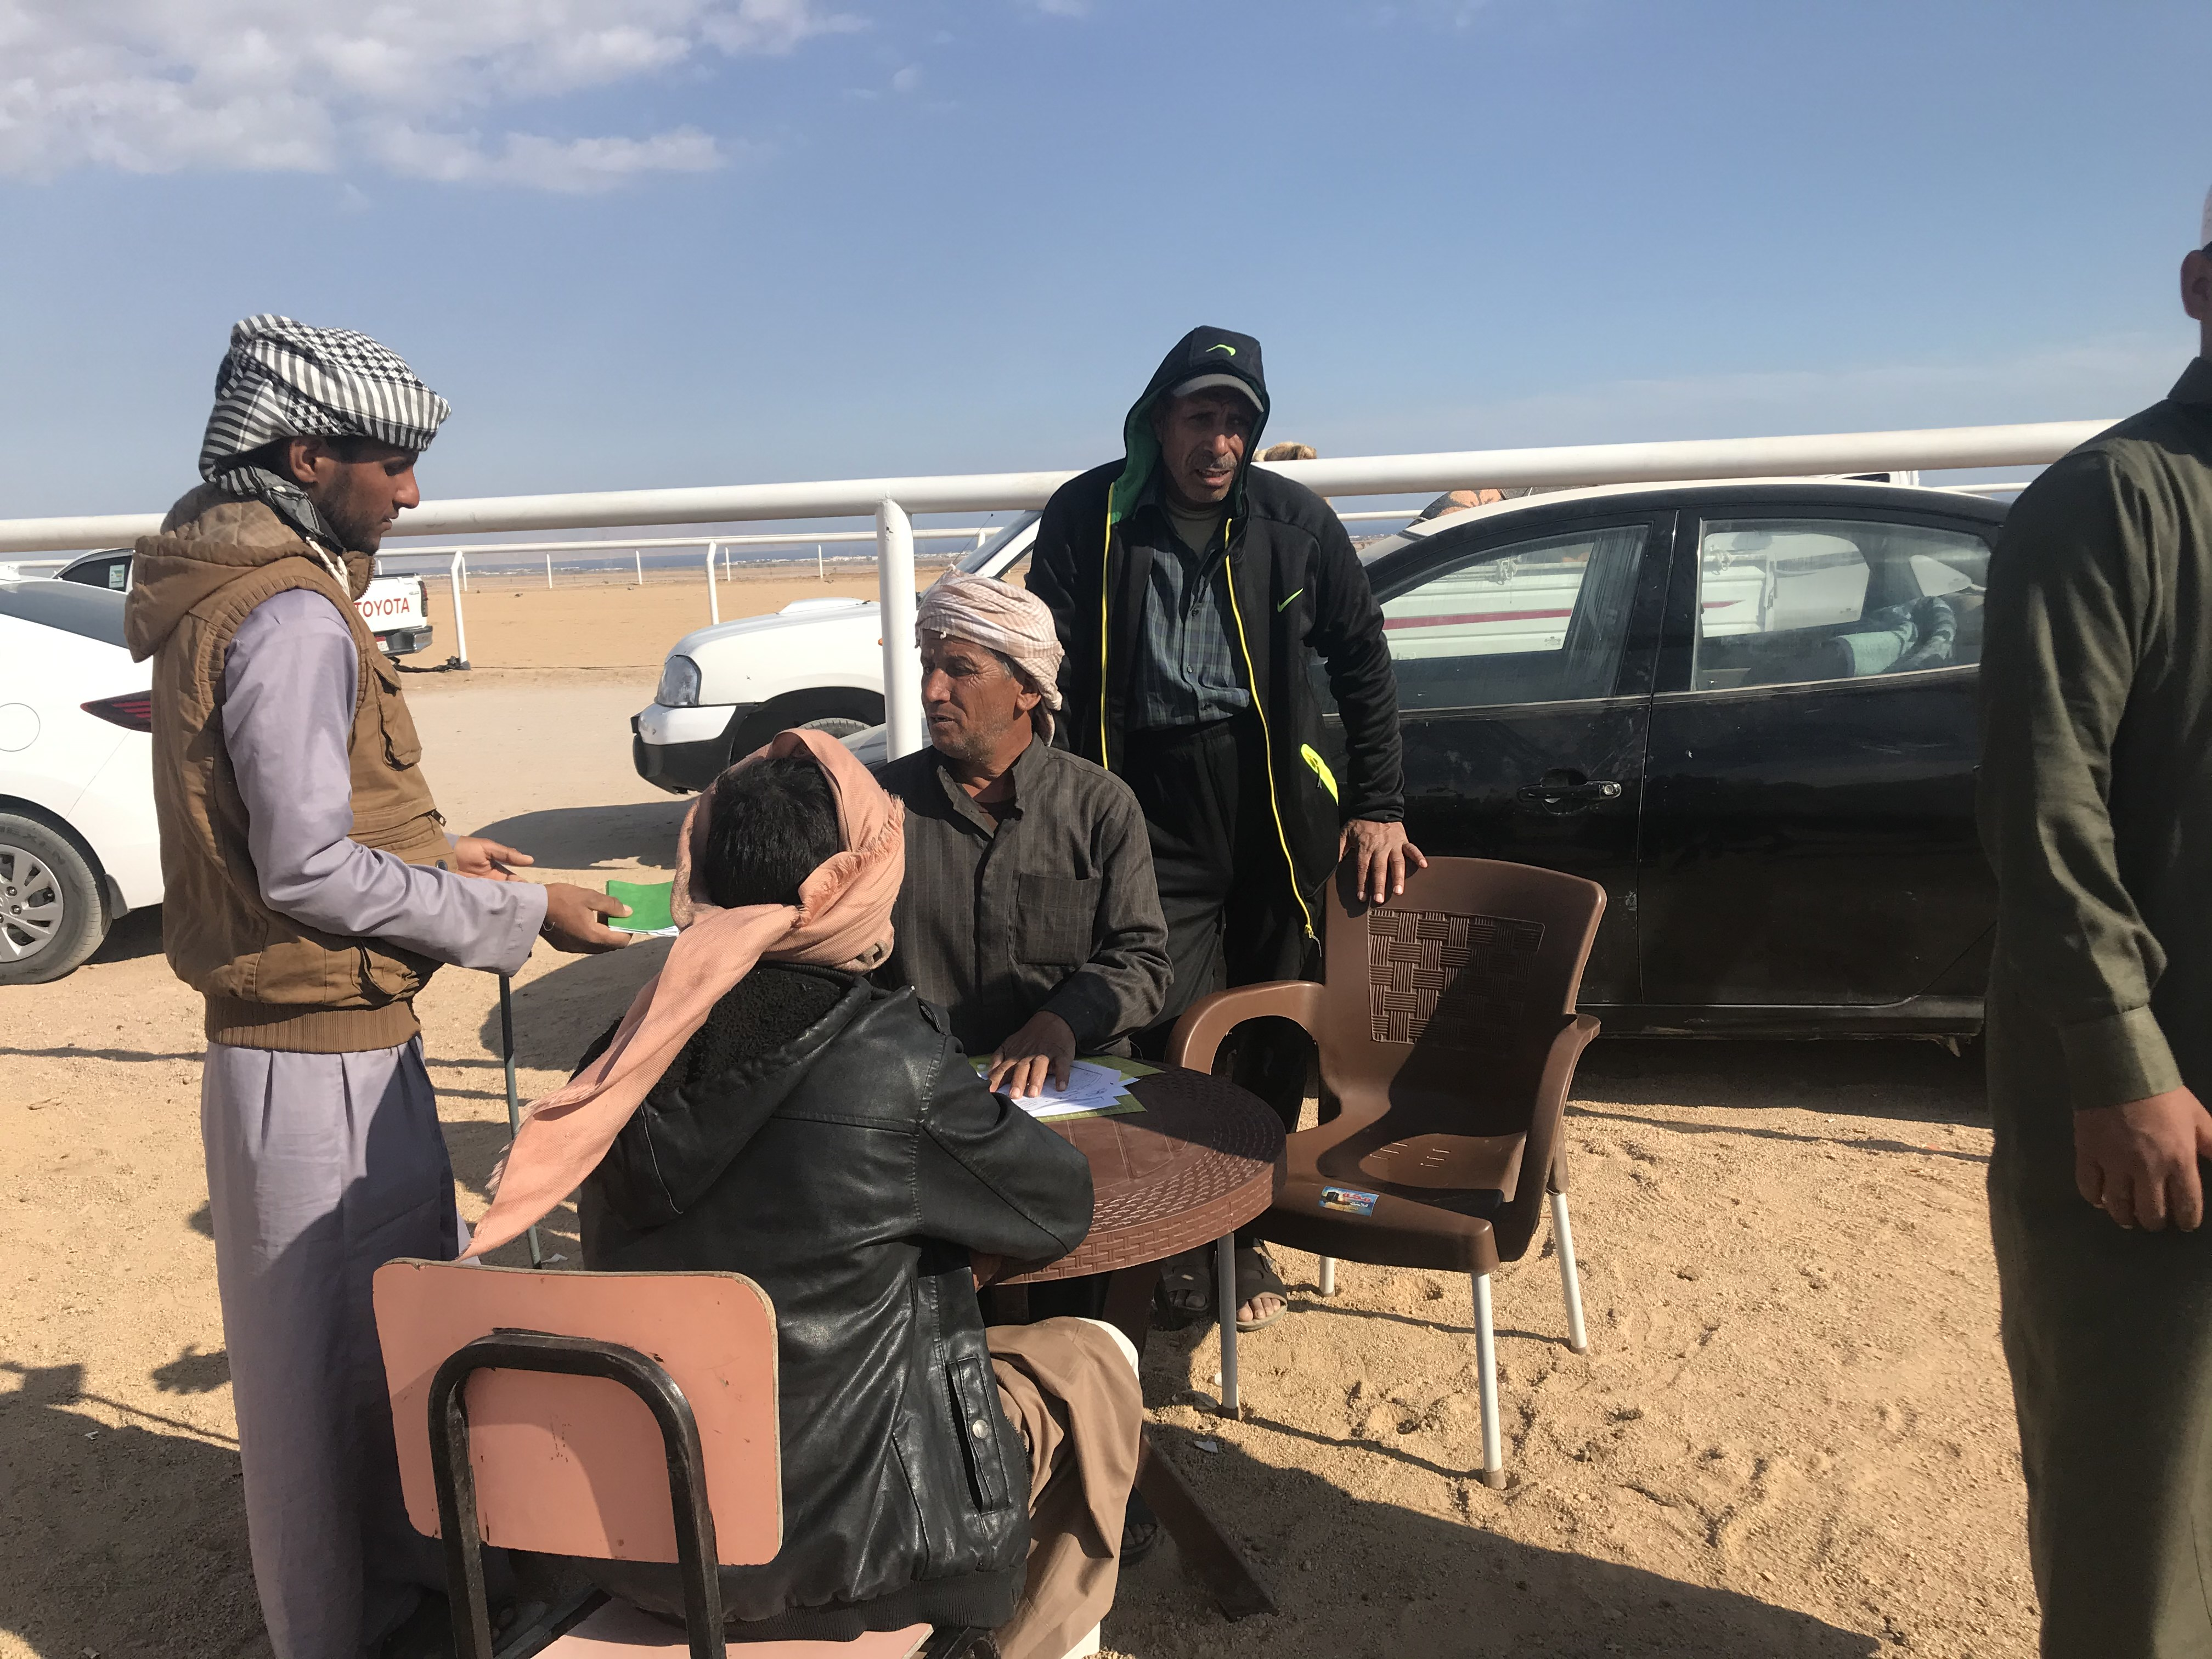 مهرجان الهجن بشرم الشيخ (2)